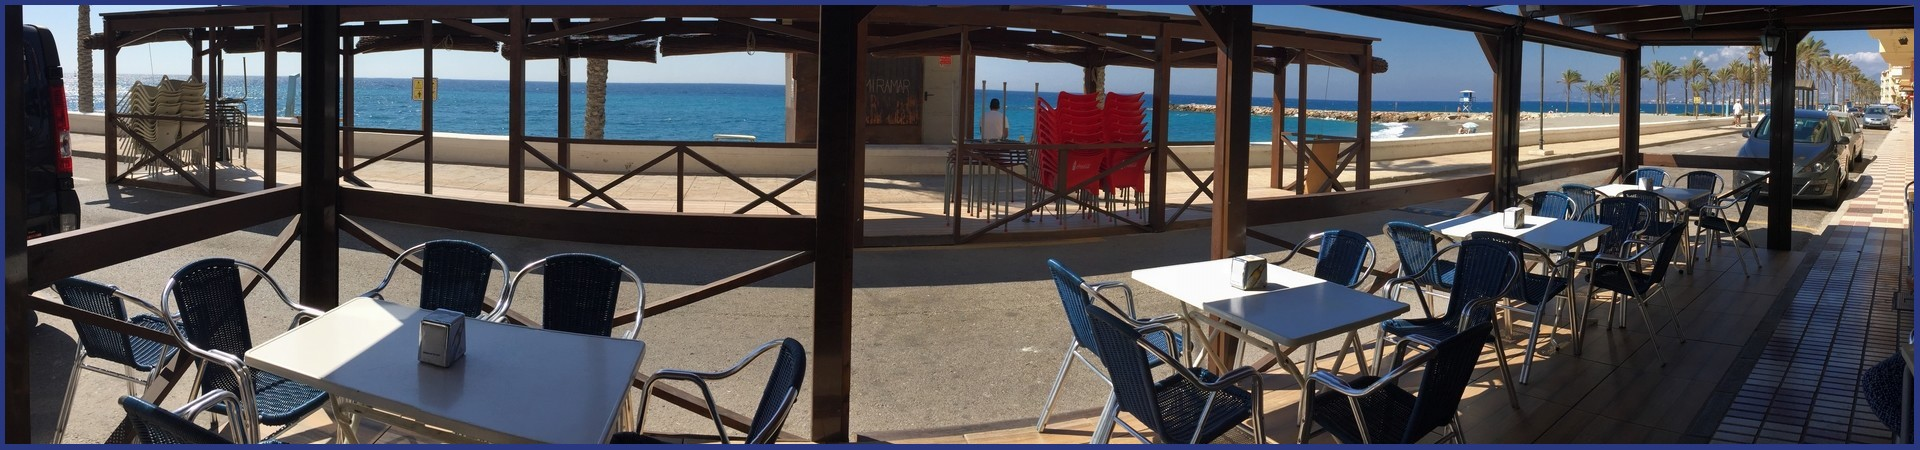 restaurantes en torrenueva, donde comer en torrenueva, pescado fresco en torrenueva,